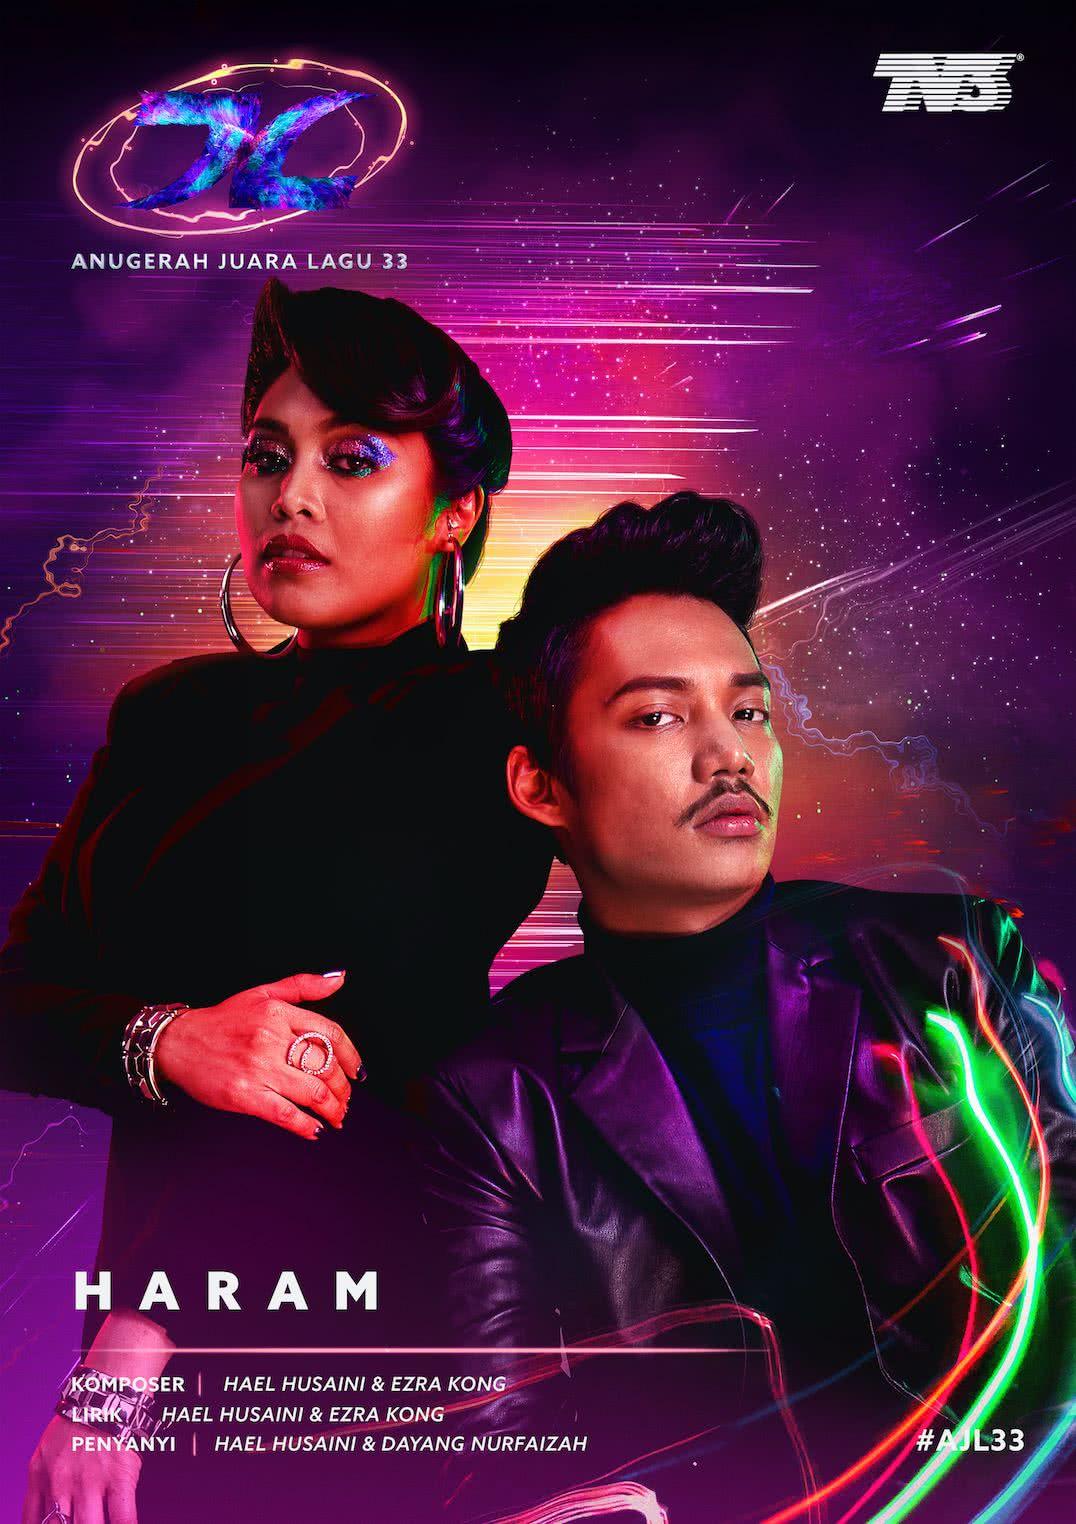 Hael Husaini & Dayang Nurfaizah AJL33